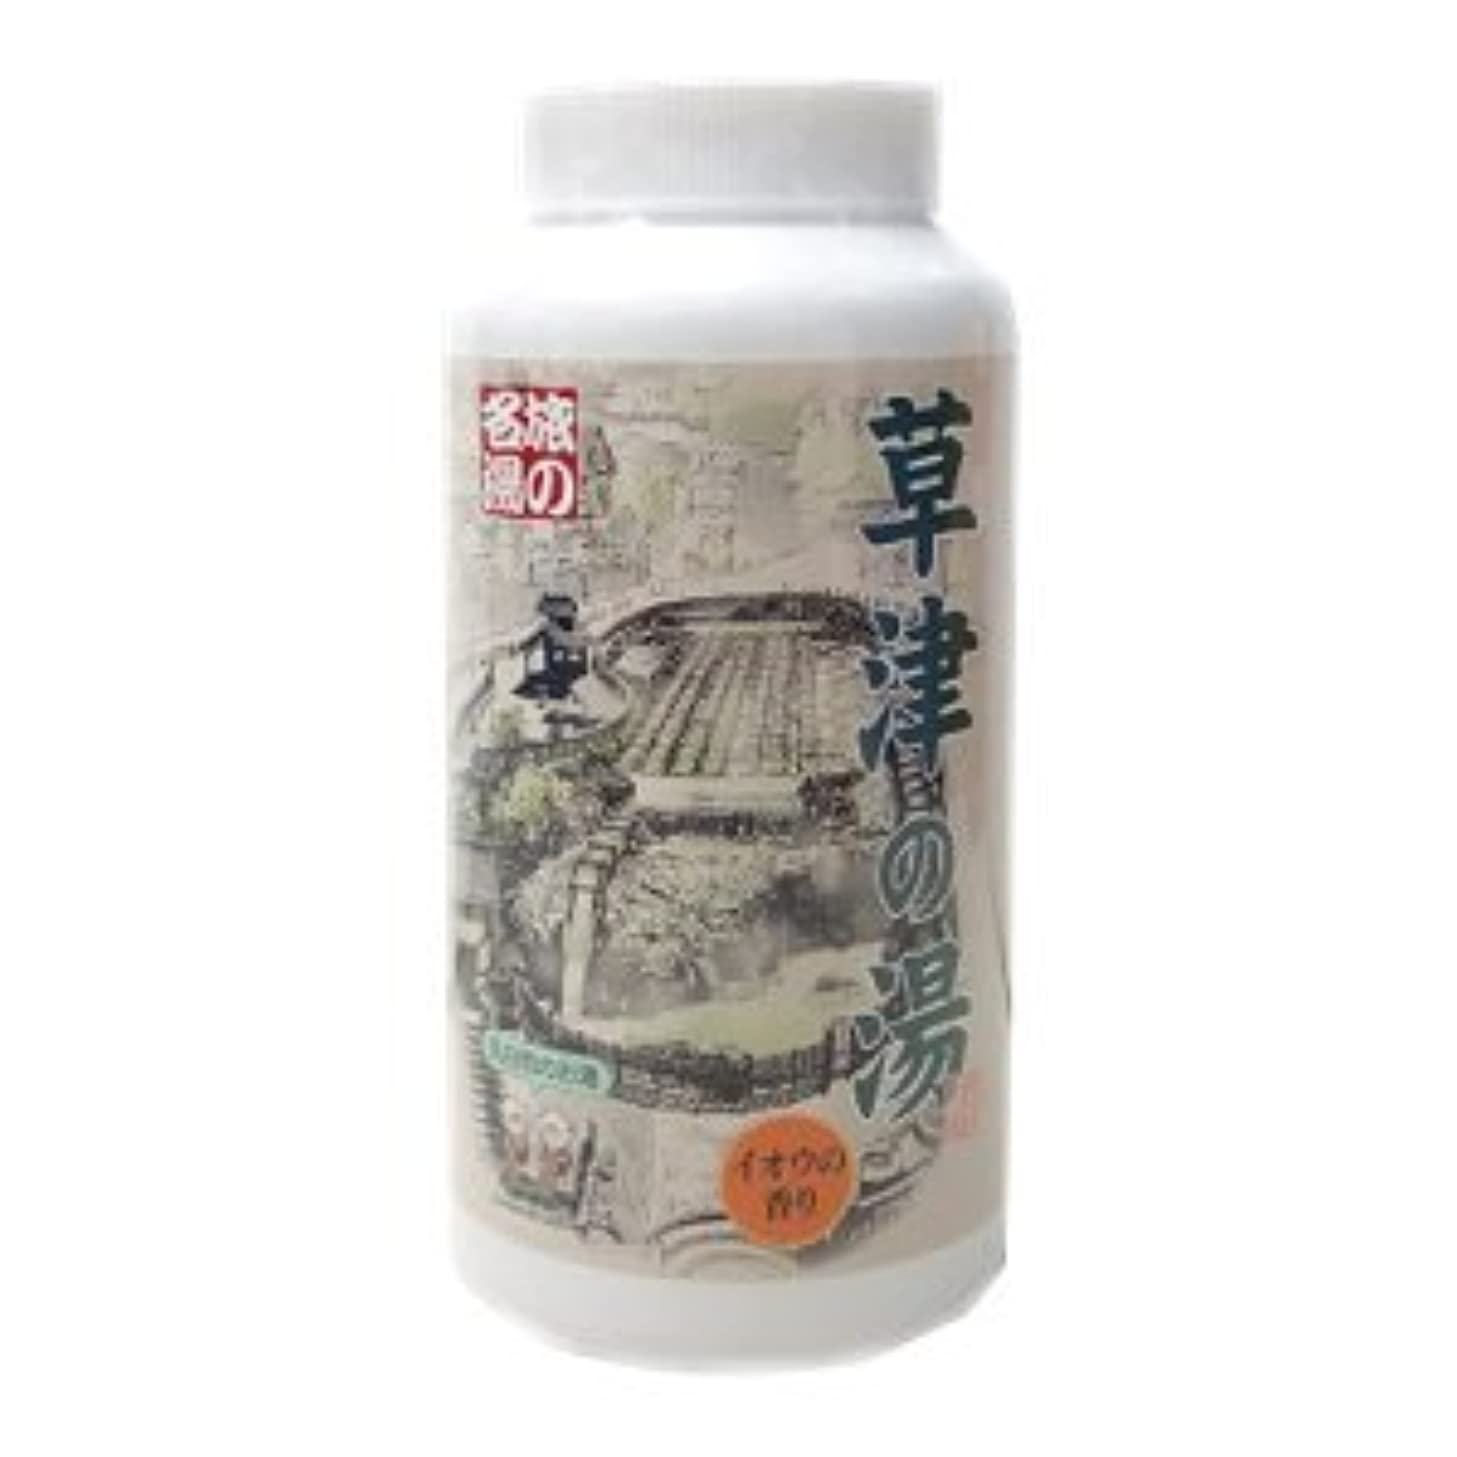 カウント人気の実り多い草津の湯入浴剤 『イオウの香り』 乳白色のお湯 500g 20回分